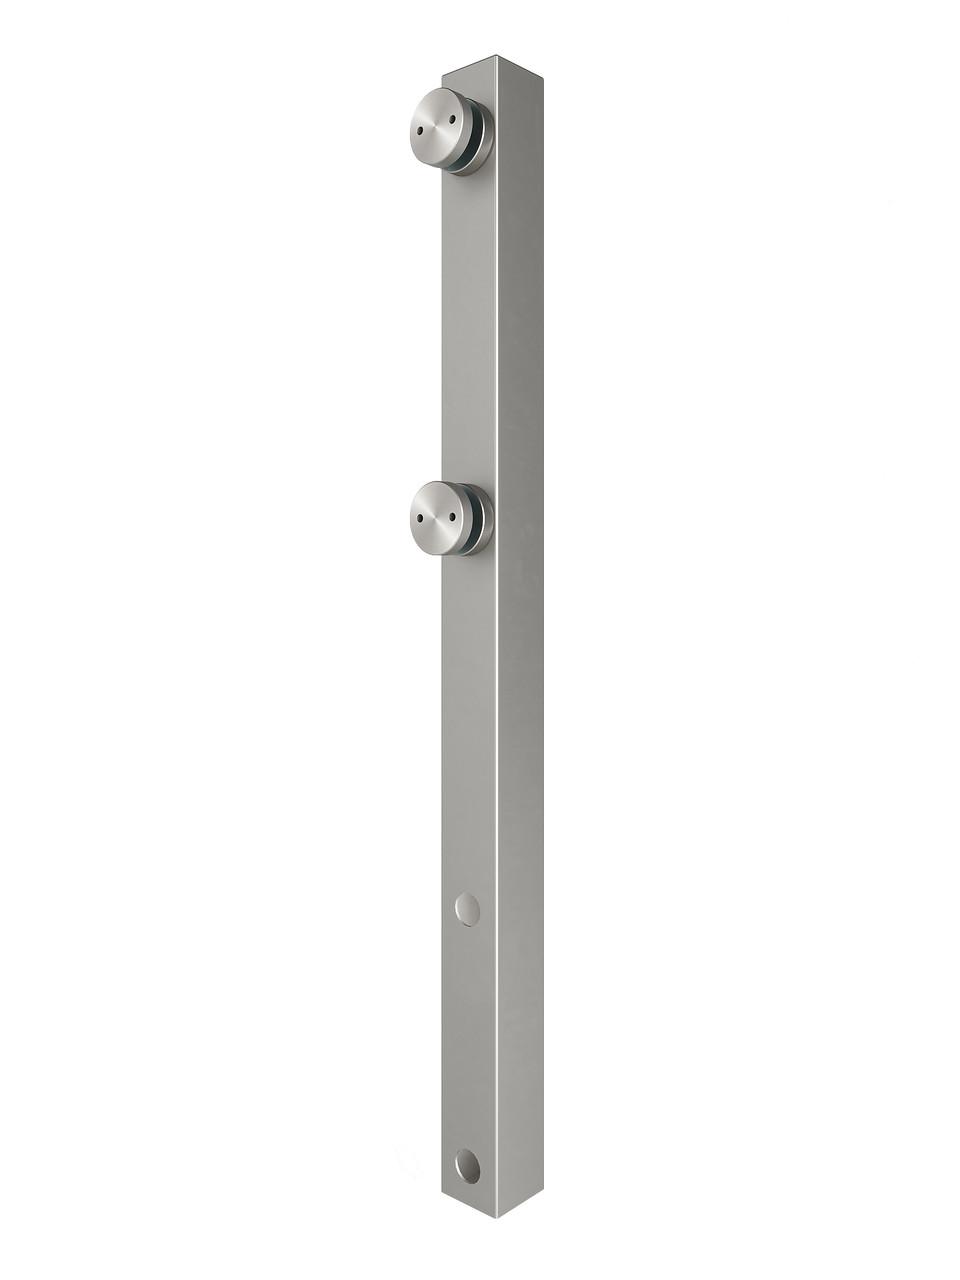 ODF-02-11-01-H600 Стойка для стеклянных ограждений и перил из стекла с боковым креплением и коннекторами, сати